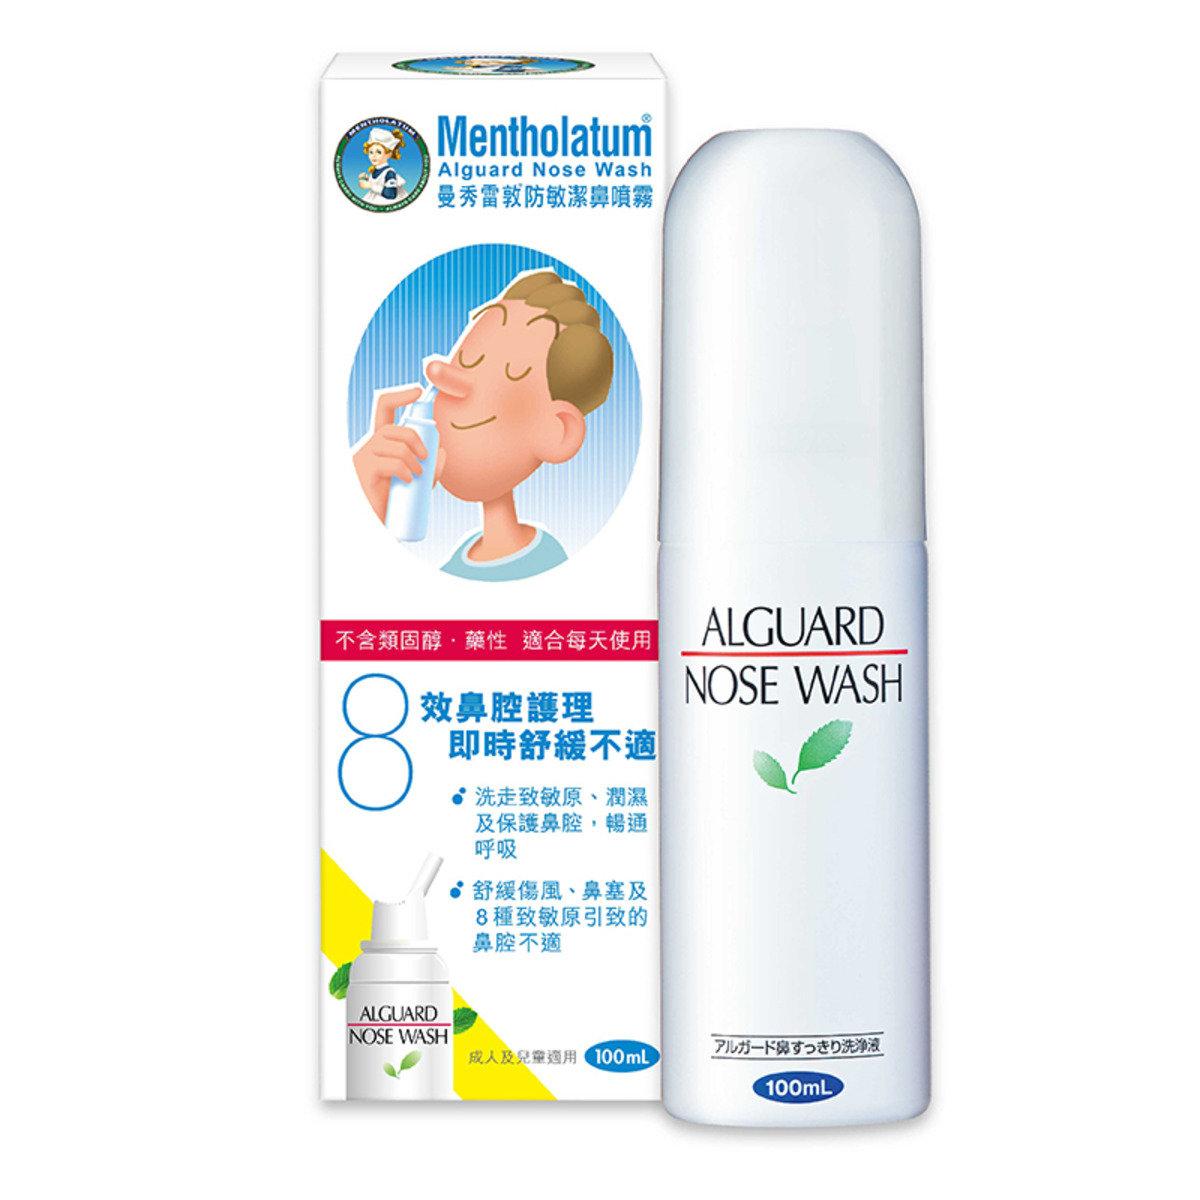 防敏潔鼻噴霧